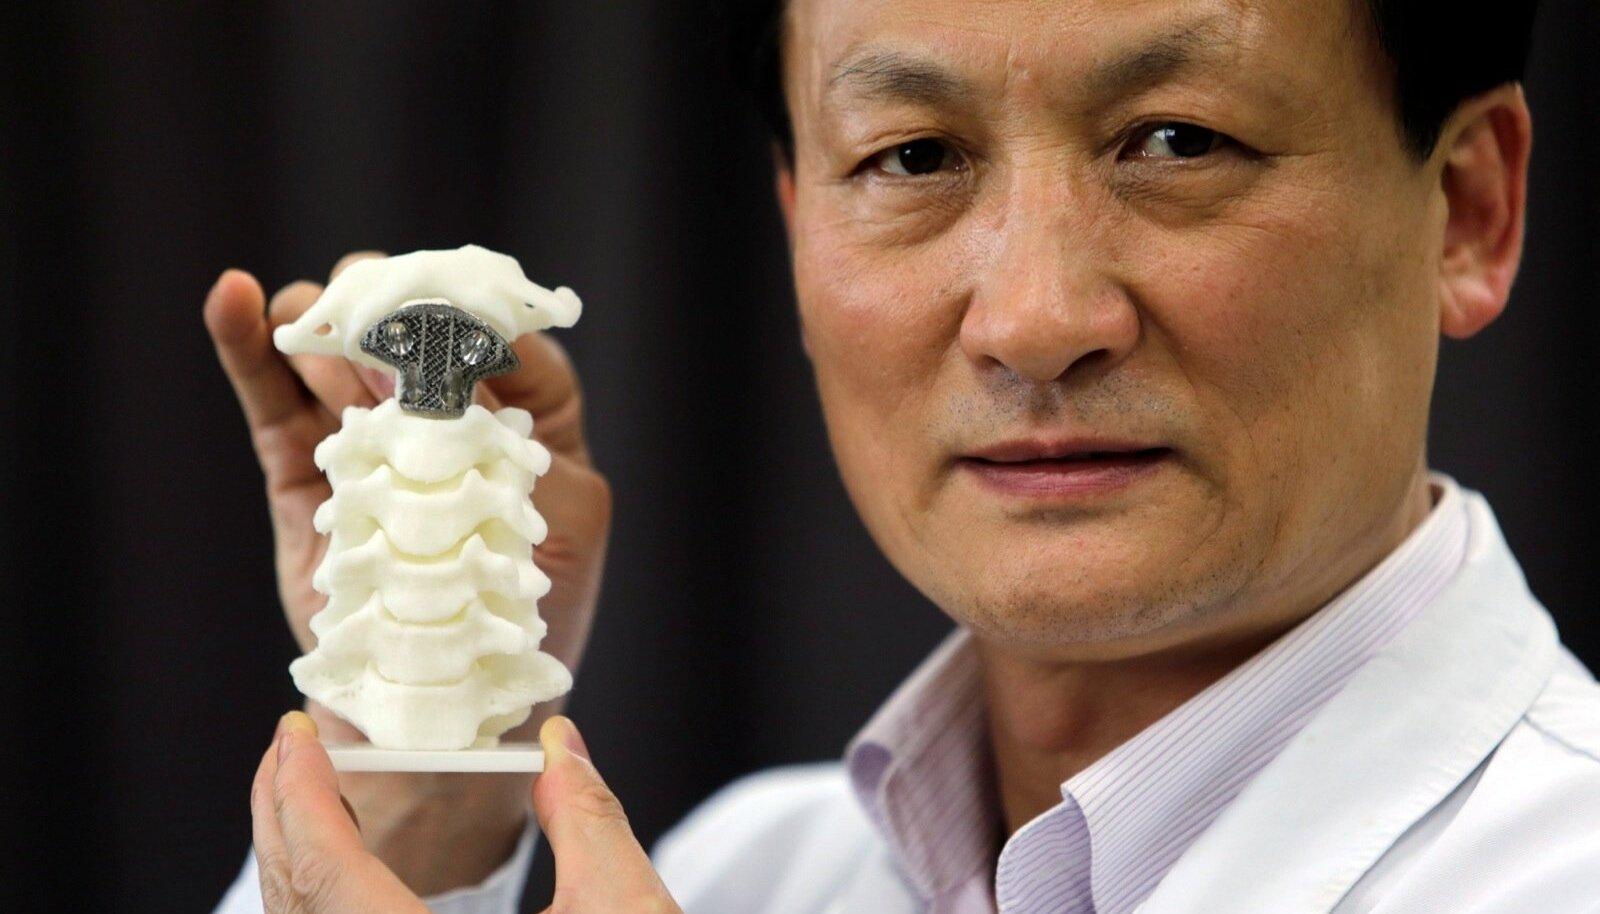 Esimesena maailmas suudeti luuvähi all kannatavale patsiendile kolmemõõtmelisel printeril valmistatud selgroolülitugi panna Pekingi ülikoolis.